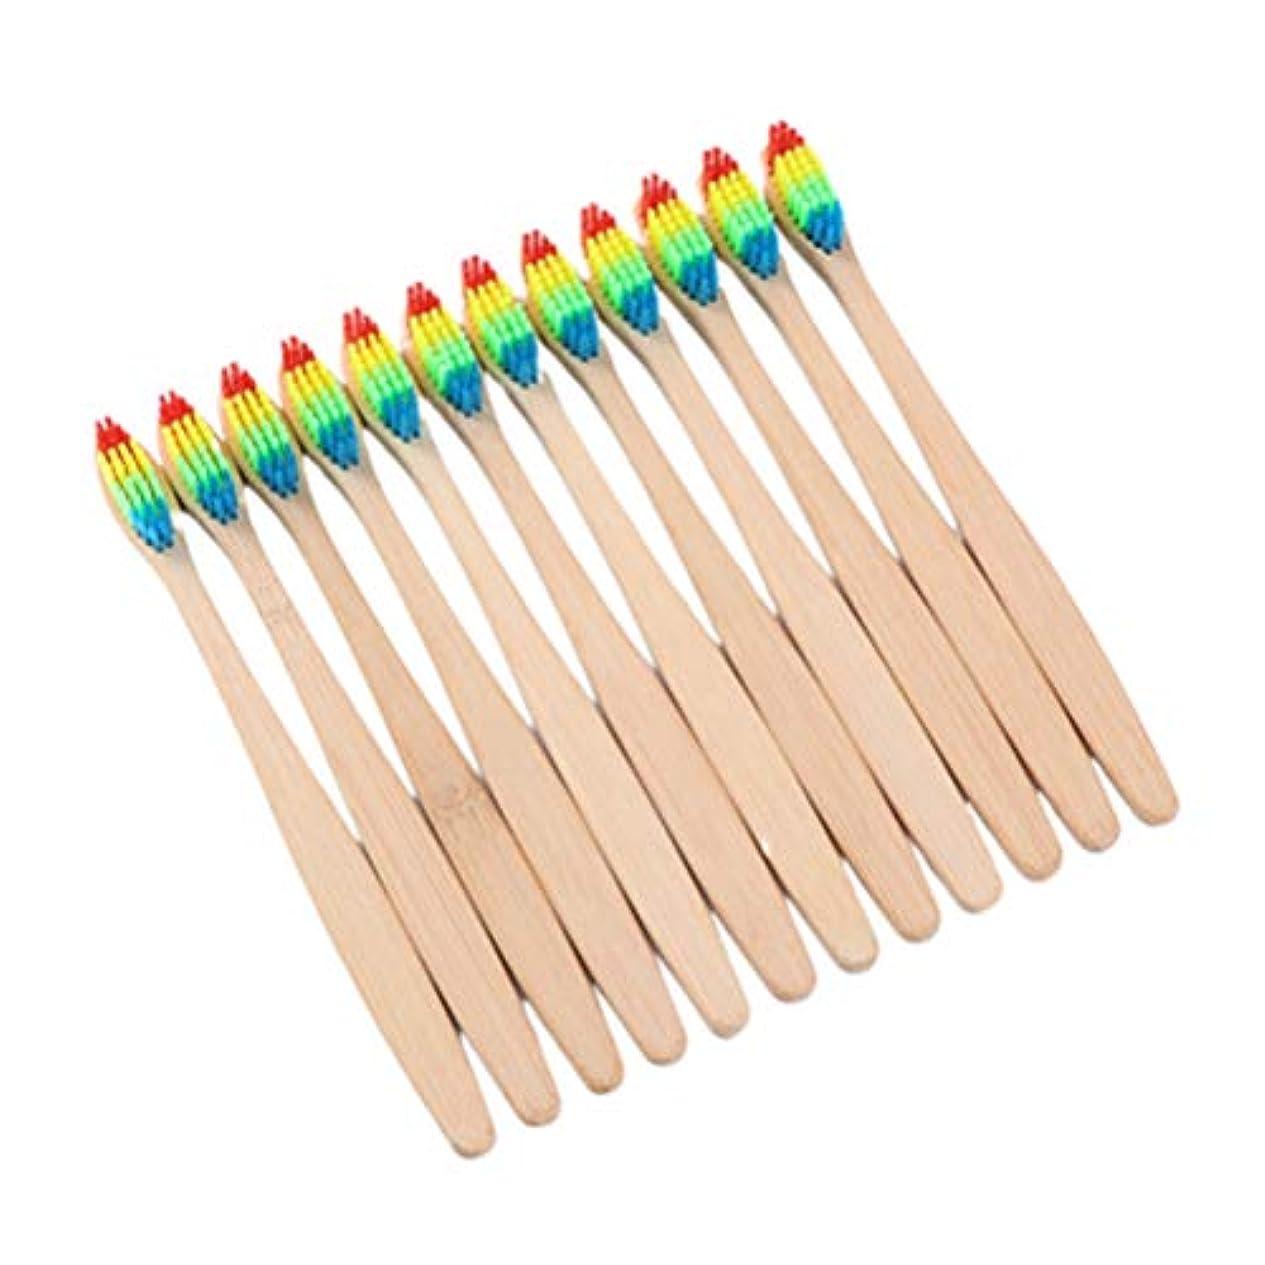 振る舞う骨の折れるストリップTOPBATHY 10本 歯ブラシ 竹 極細 天然 ふつう やわらかめ 木製 環境にやさしい 大人 子供 兼用 旅行 トラベル 出張 携帯 虹色